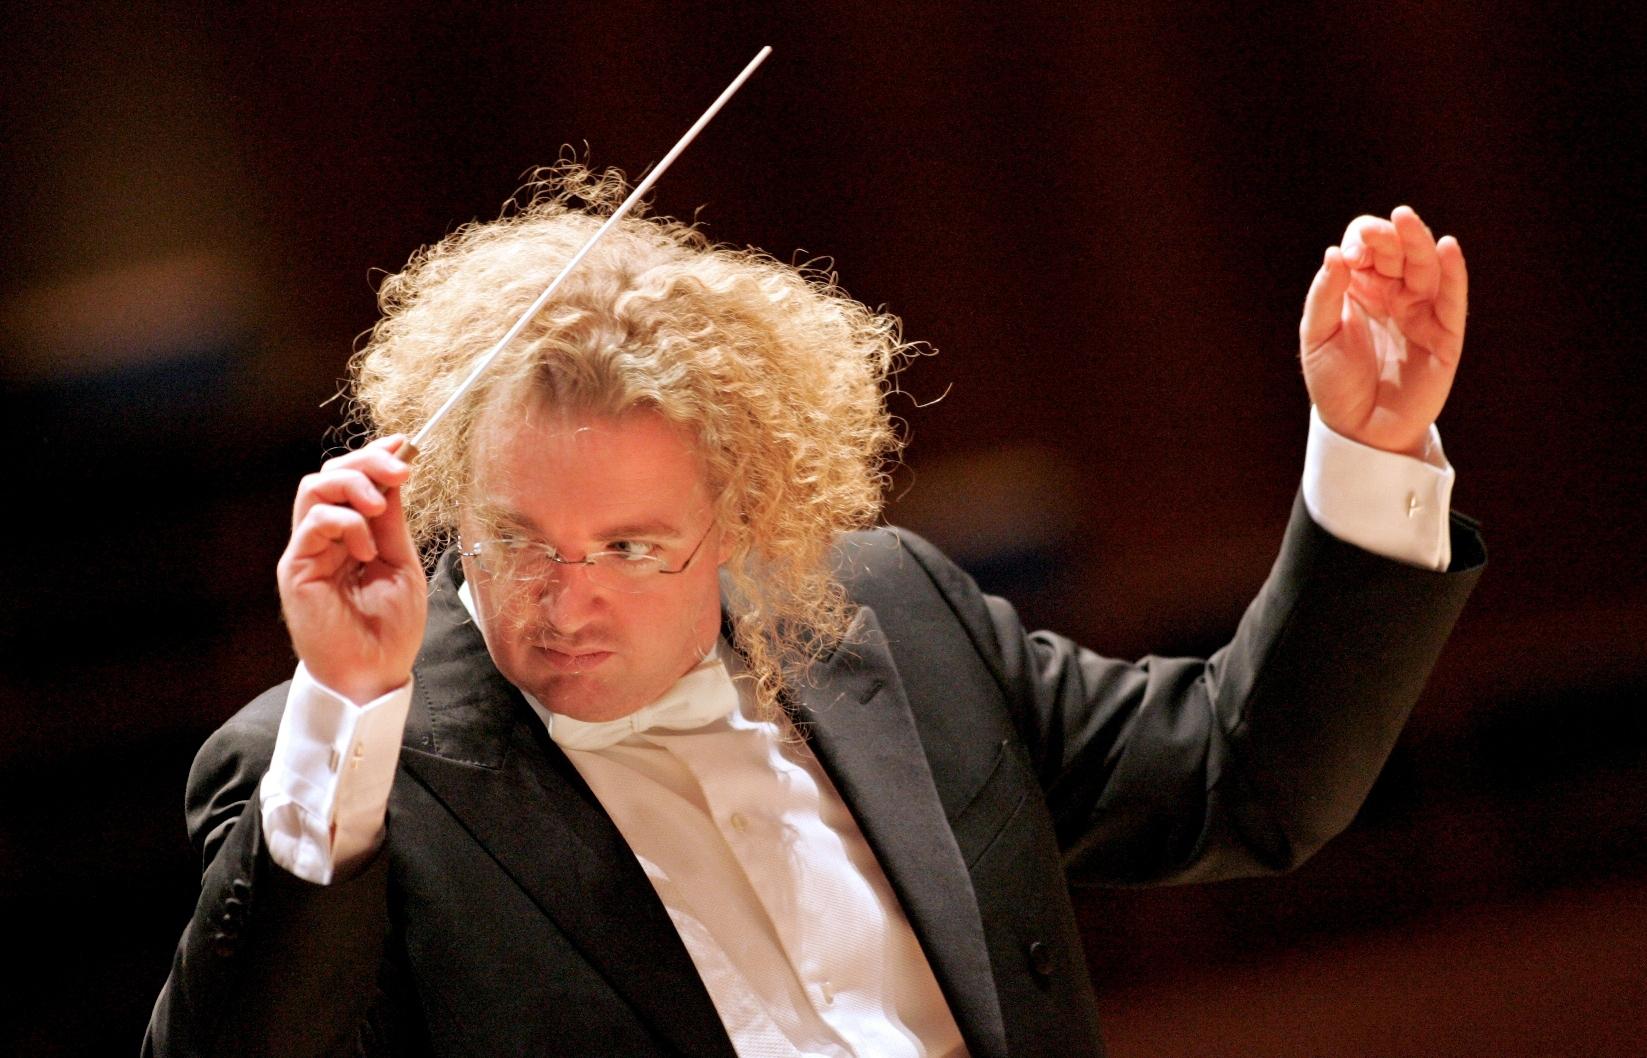 Conductor Stéphane Denève